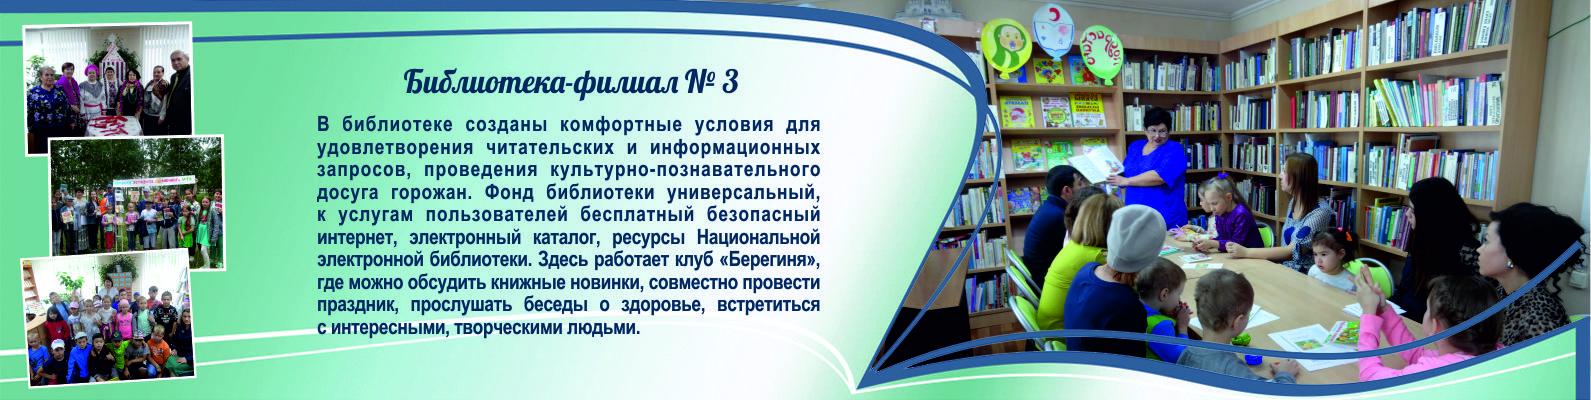 Филиал №3